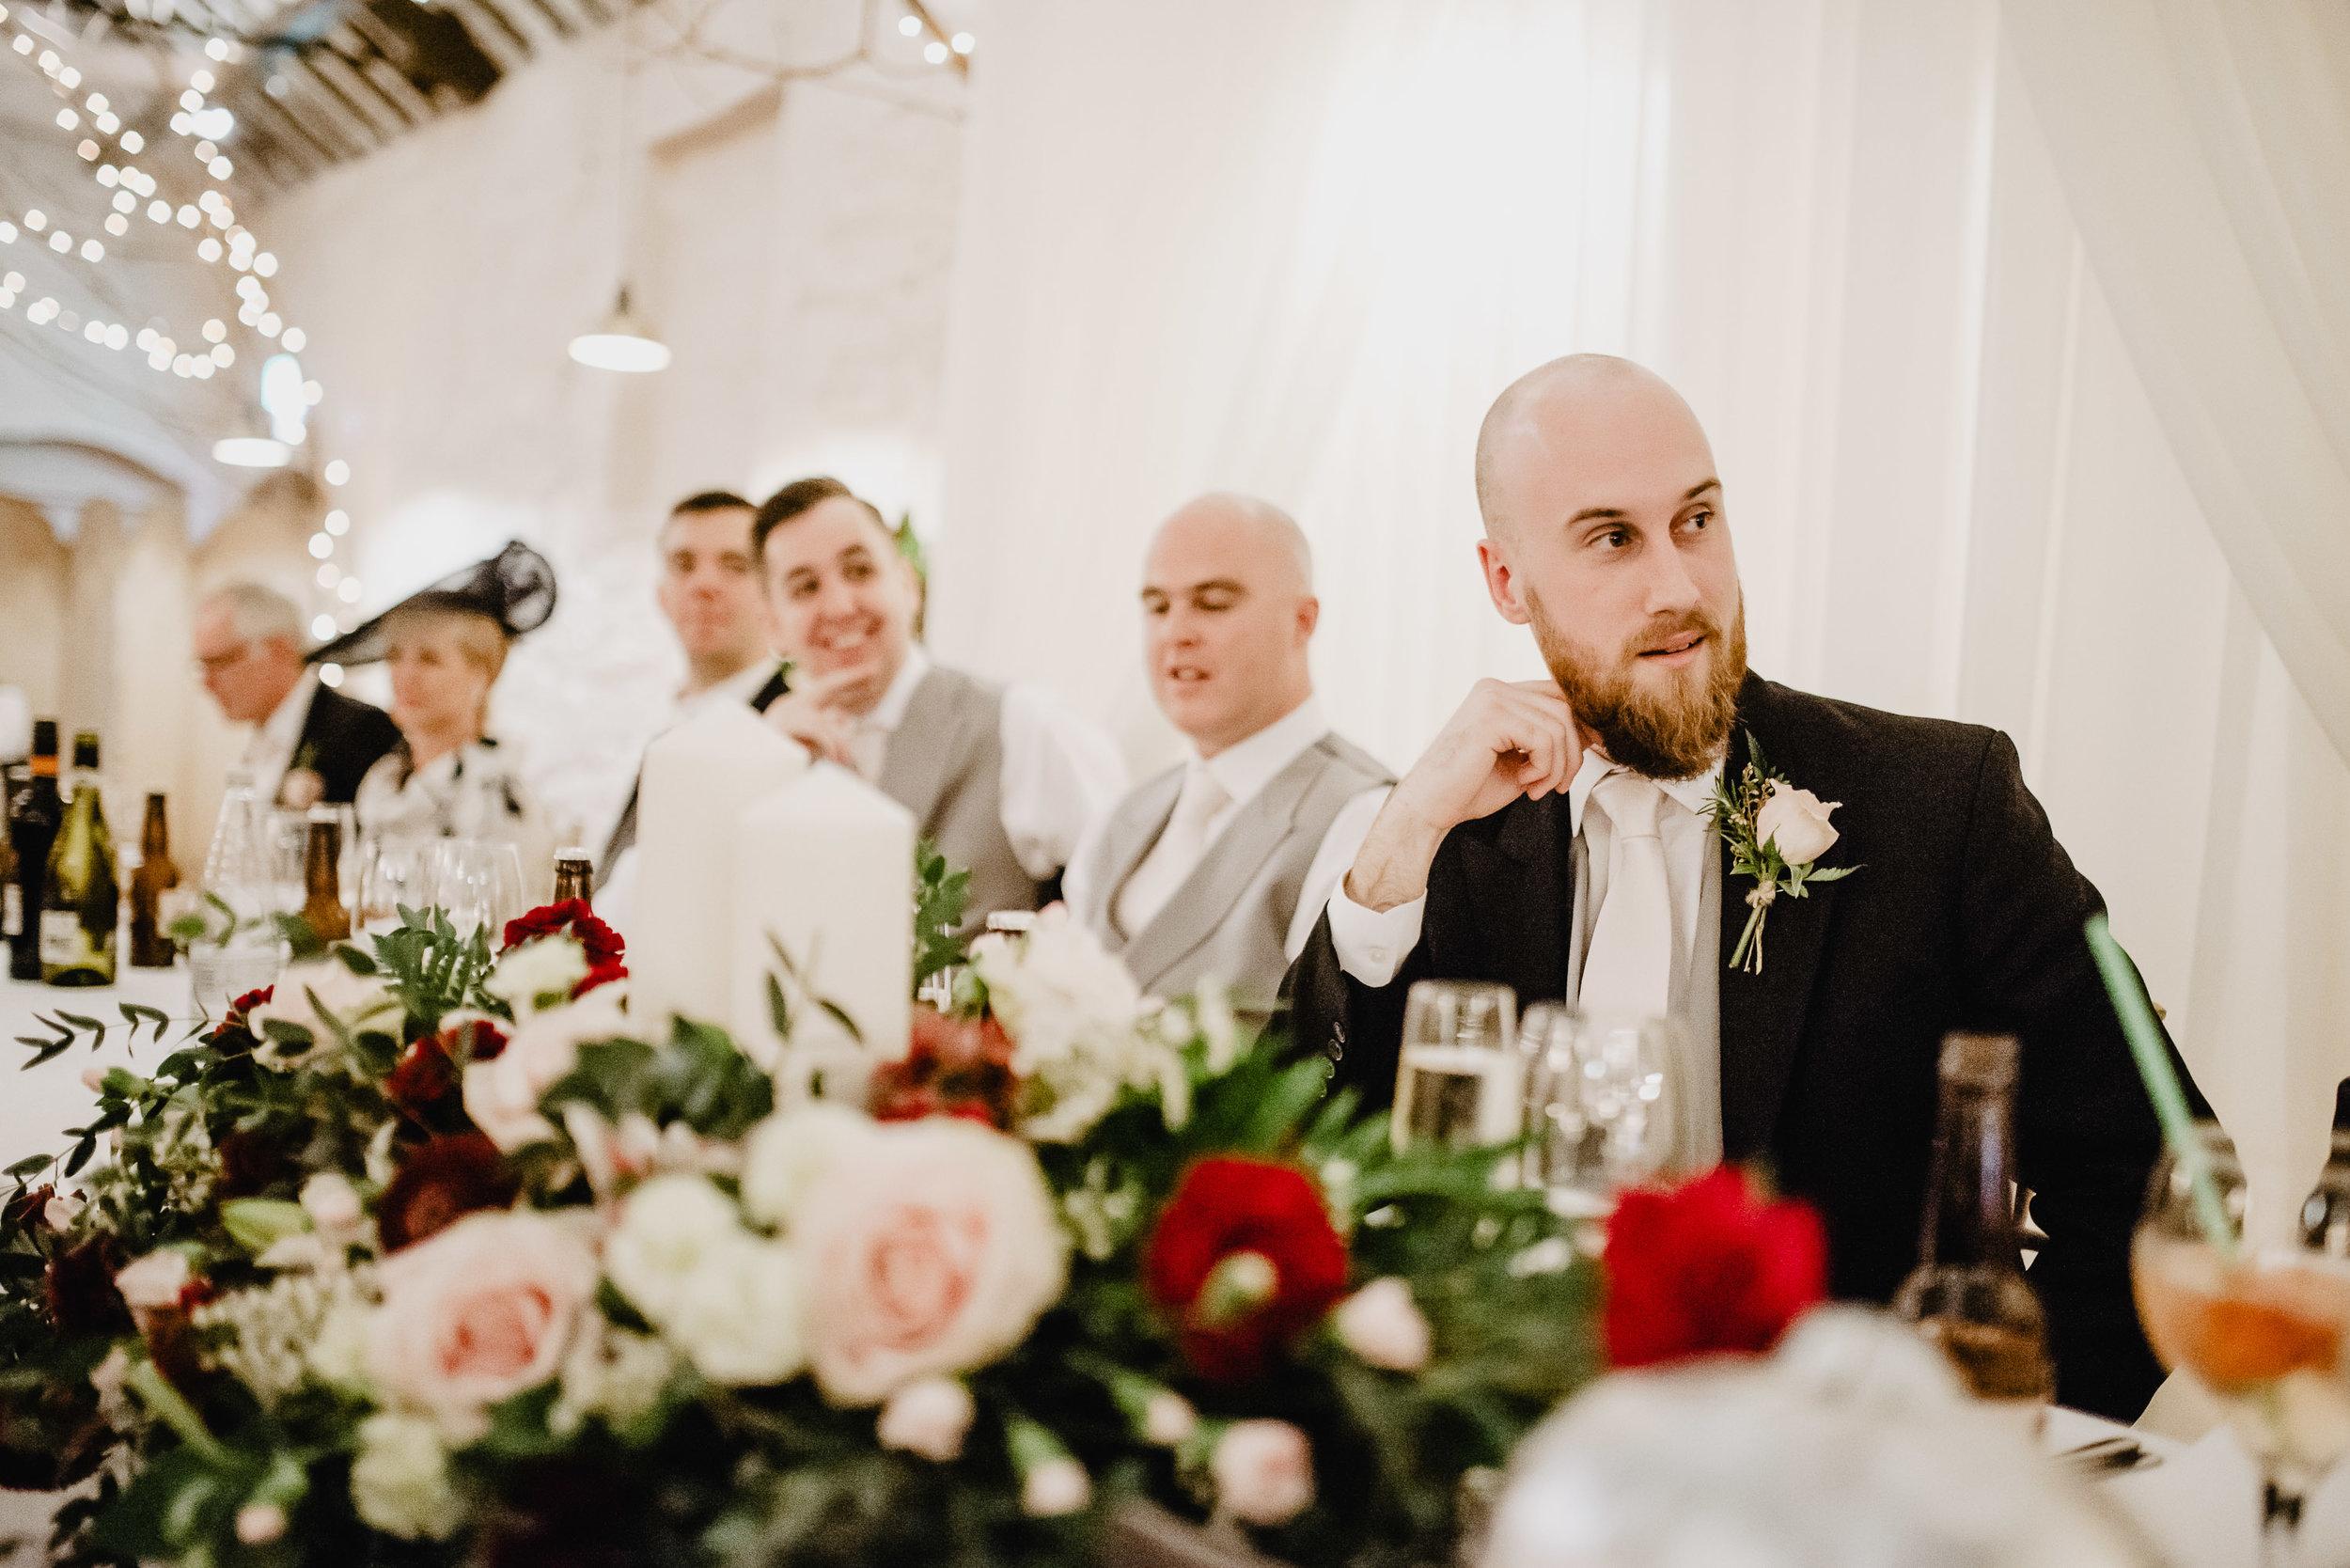 larchfield estate wedding photos-137.jpg